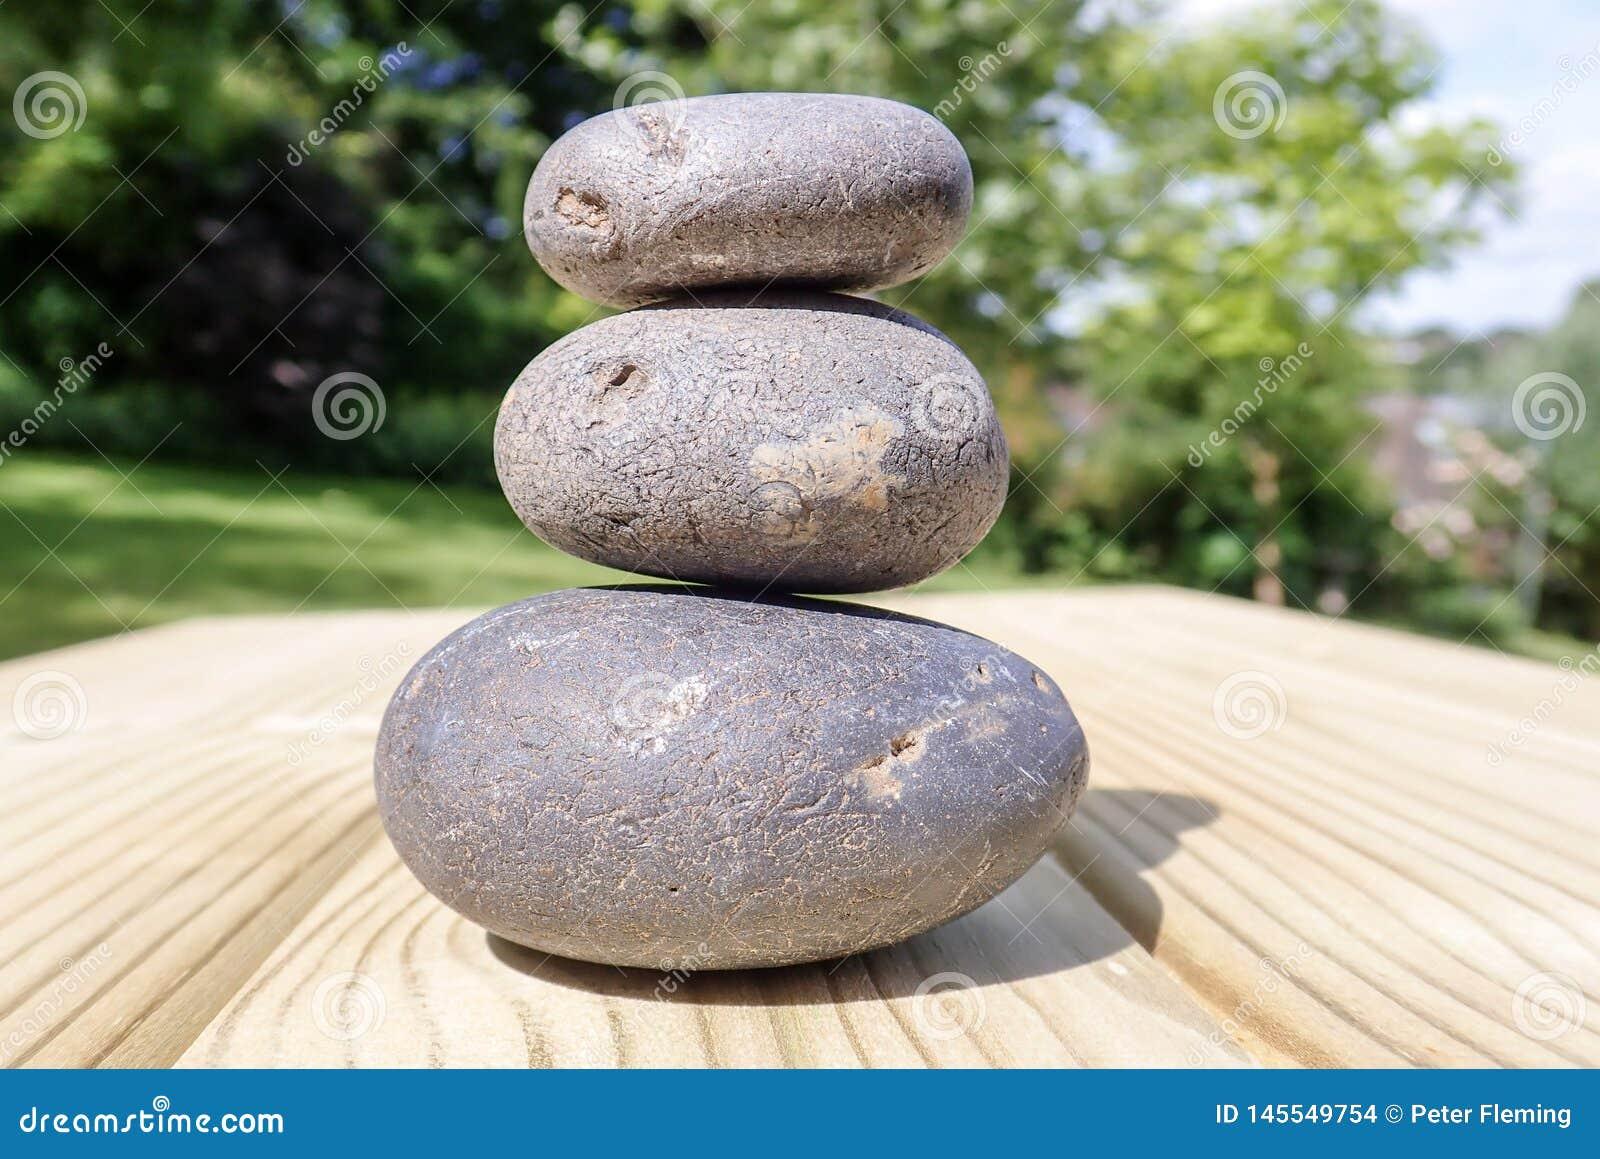 Drie opgestapelde stenen op de oppervlakte van het pijnboomhout